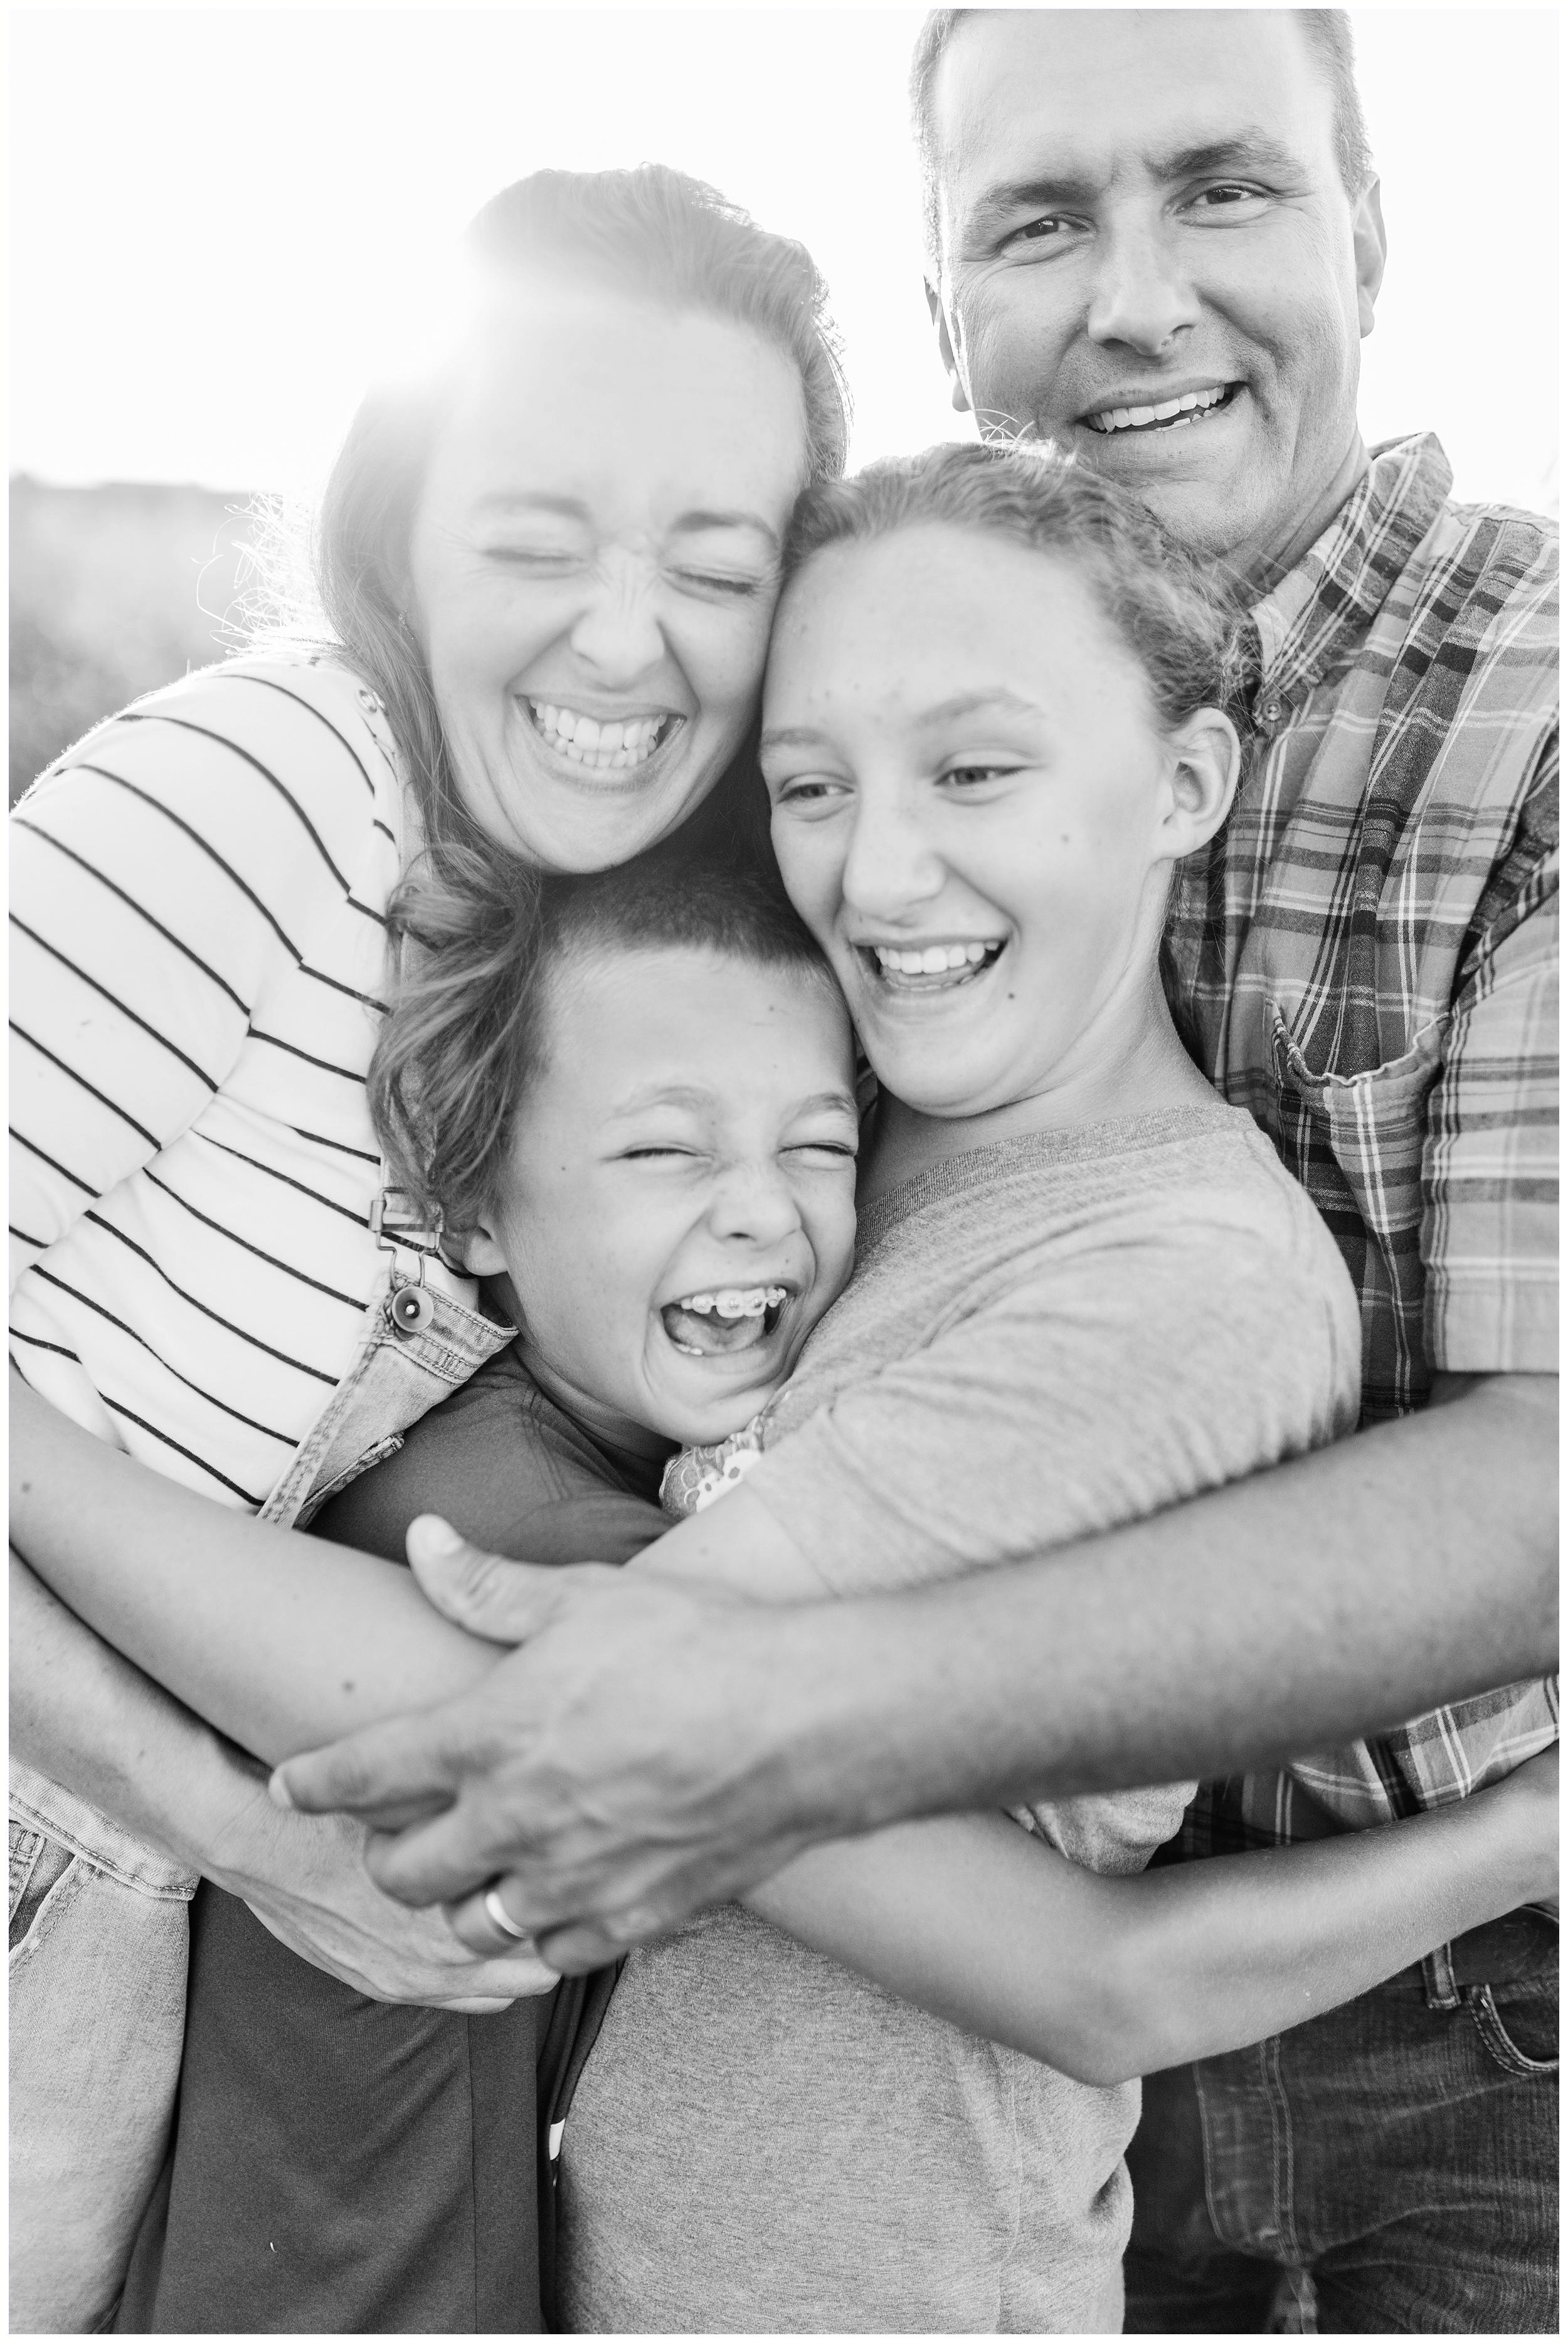 lexington-ky-family-lifestyle-photos-by-priscilla-baierlein_0514.jpg